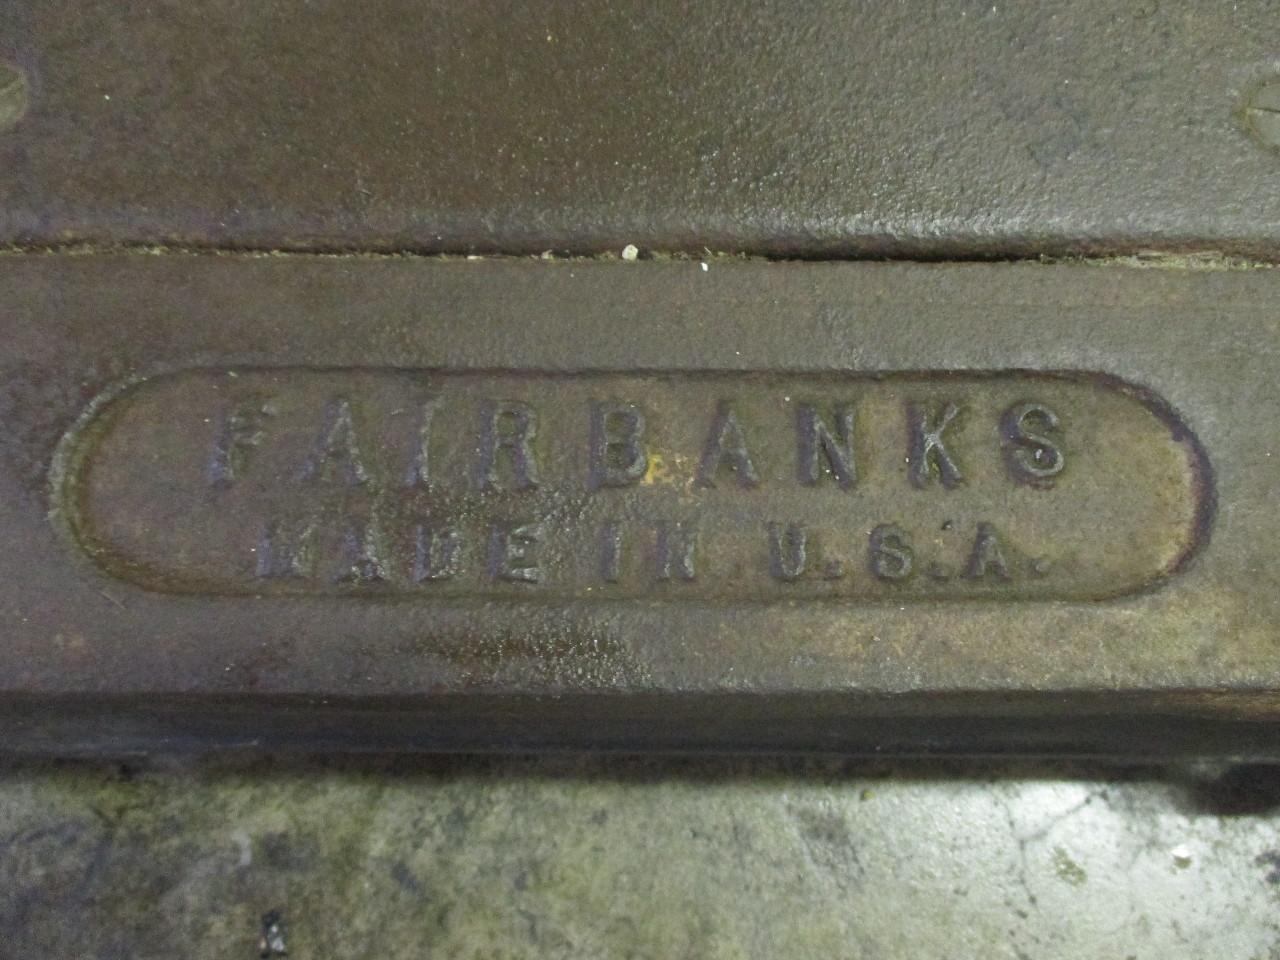 Vintage fairbanks 1 scale